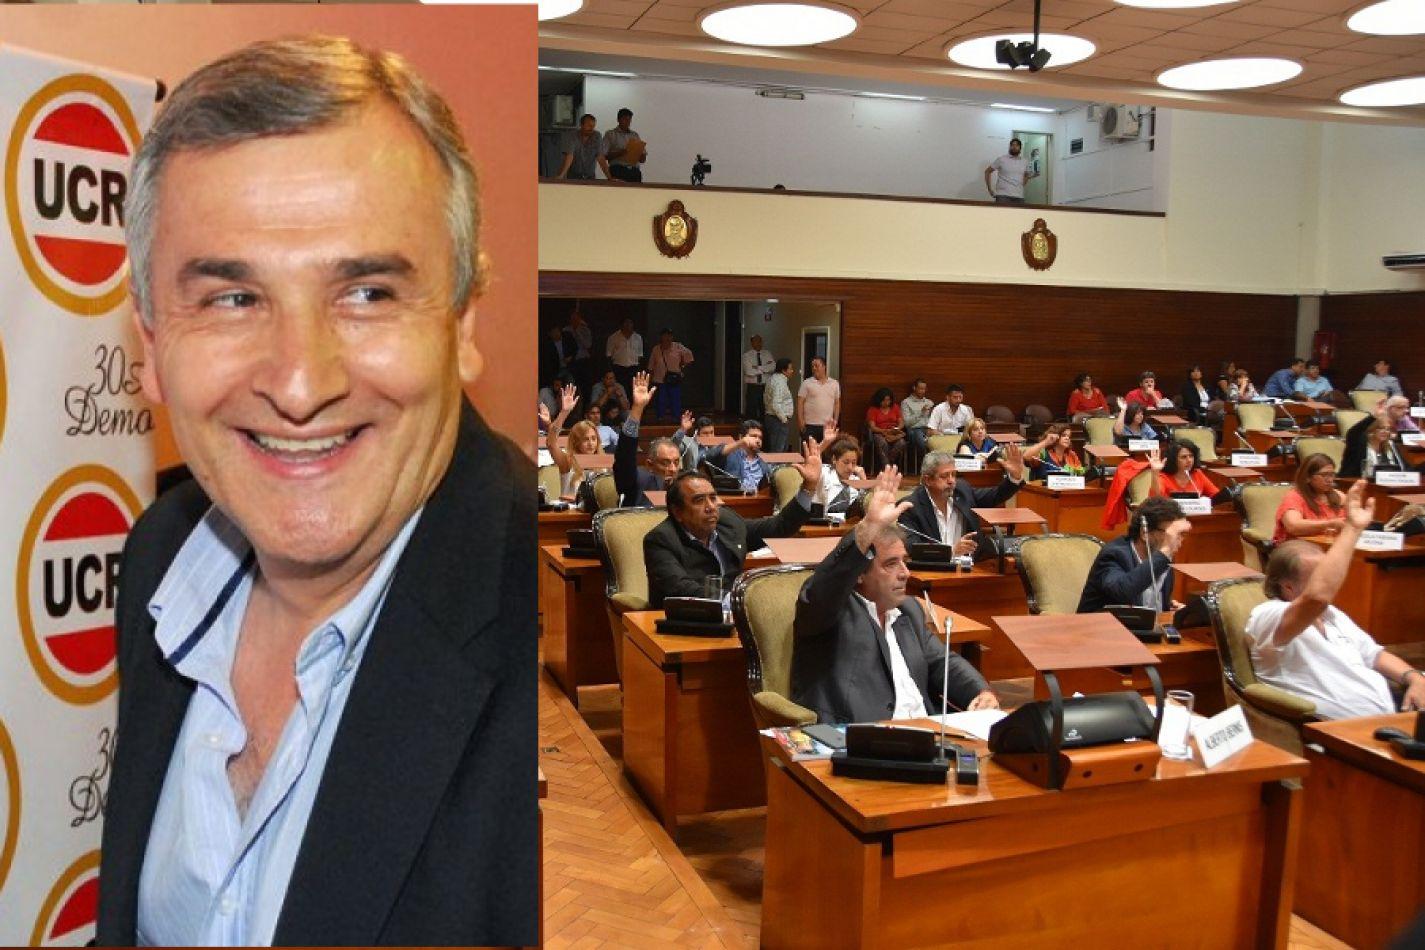 Le aprobaron más deuda a Morales y las cuentas de Jujuy están al rojo vivo